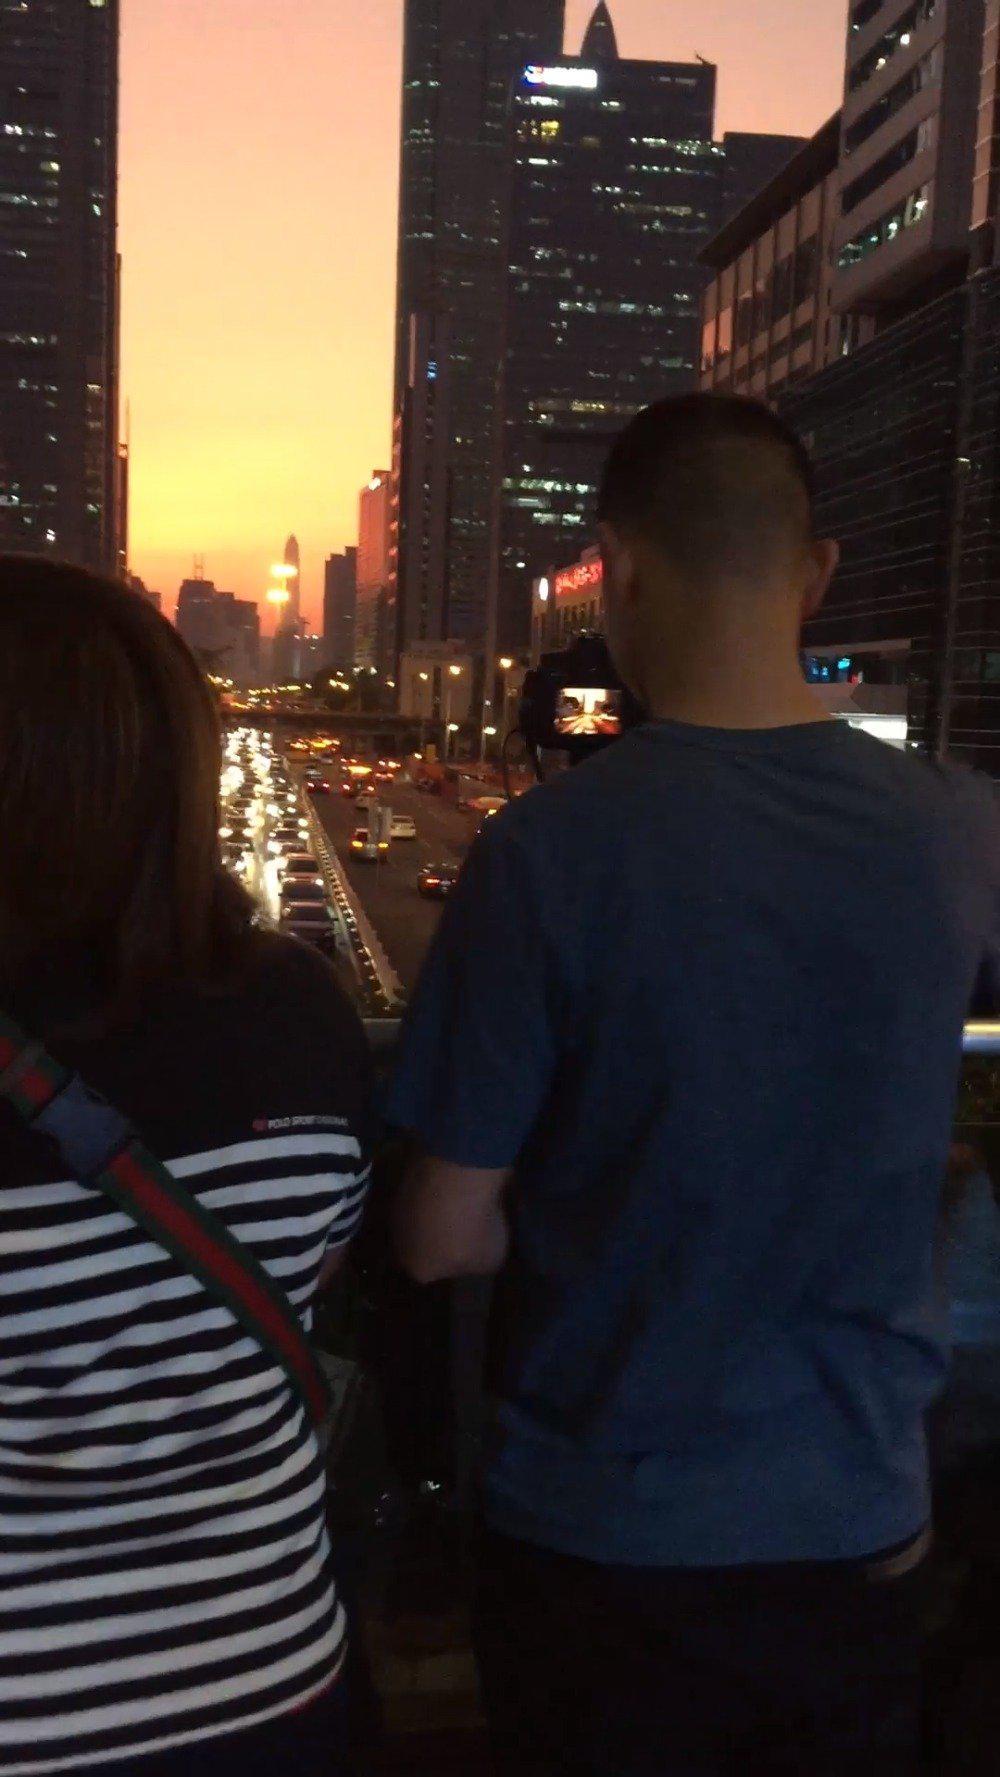 傍晚天桥夜景车流线拍摄 导师:陈阅